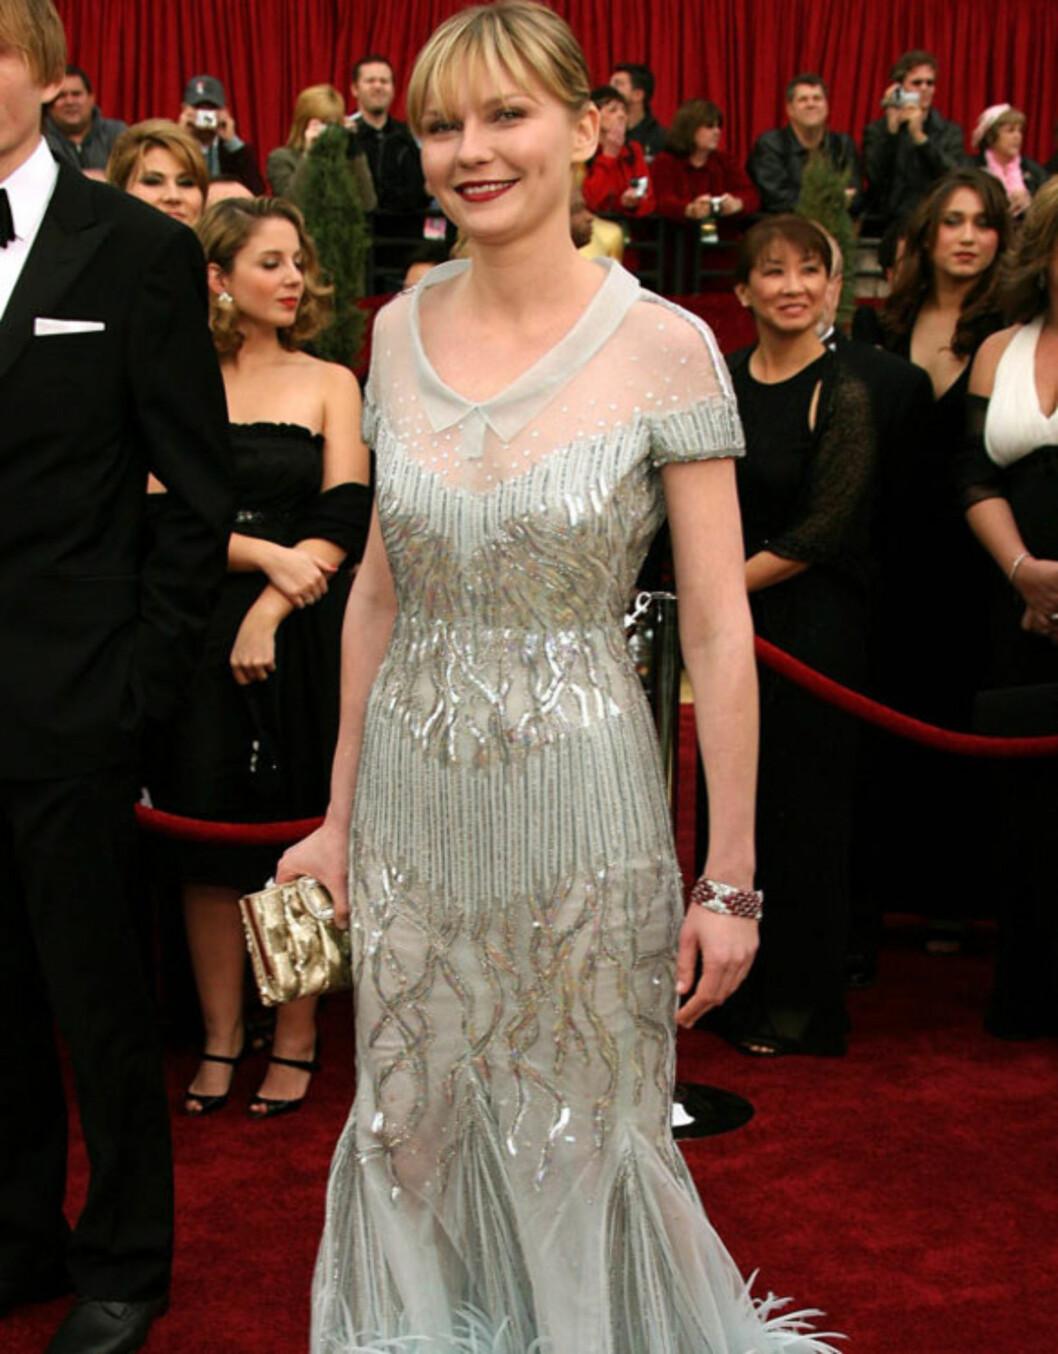 RART: På Oscar-utdelingen i 2007 bar Kirsten Dunst en Chanel-kjole, men designernavnet klarte ikke redde kjolen: Den pripne kragen kombinert med de voldsomme dekorasjonene ble litt for spesielt...  Foto: All Over Press